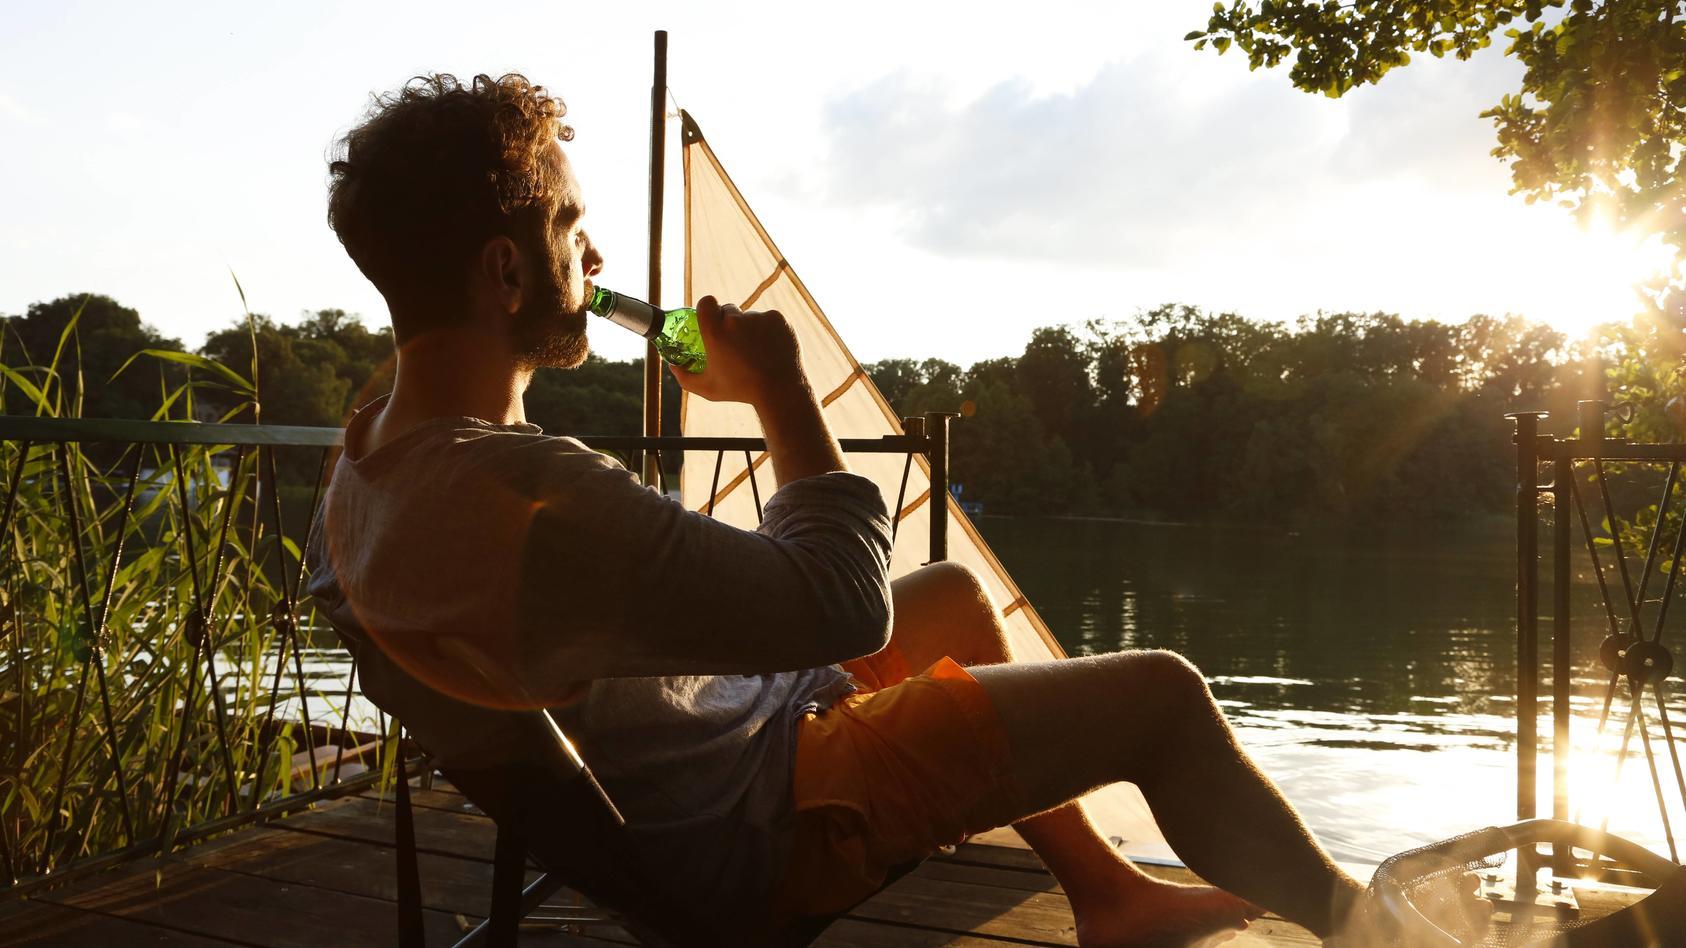 Ein Radler im Sonnenschein - gerade im Sommer ist das Biermixgetränk beliebt.